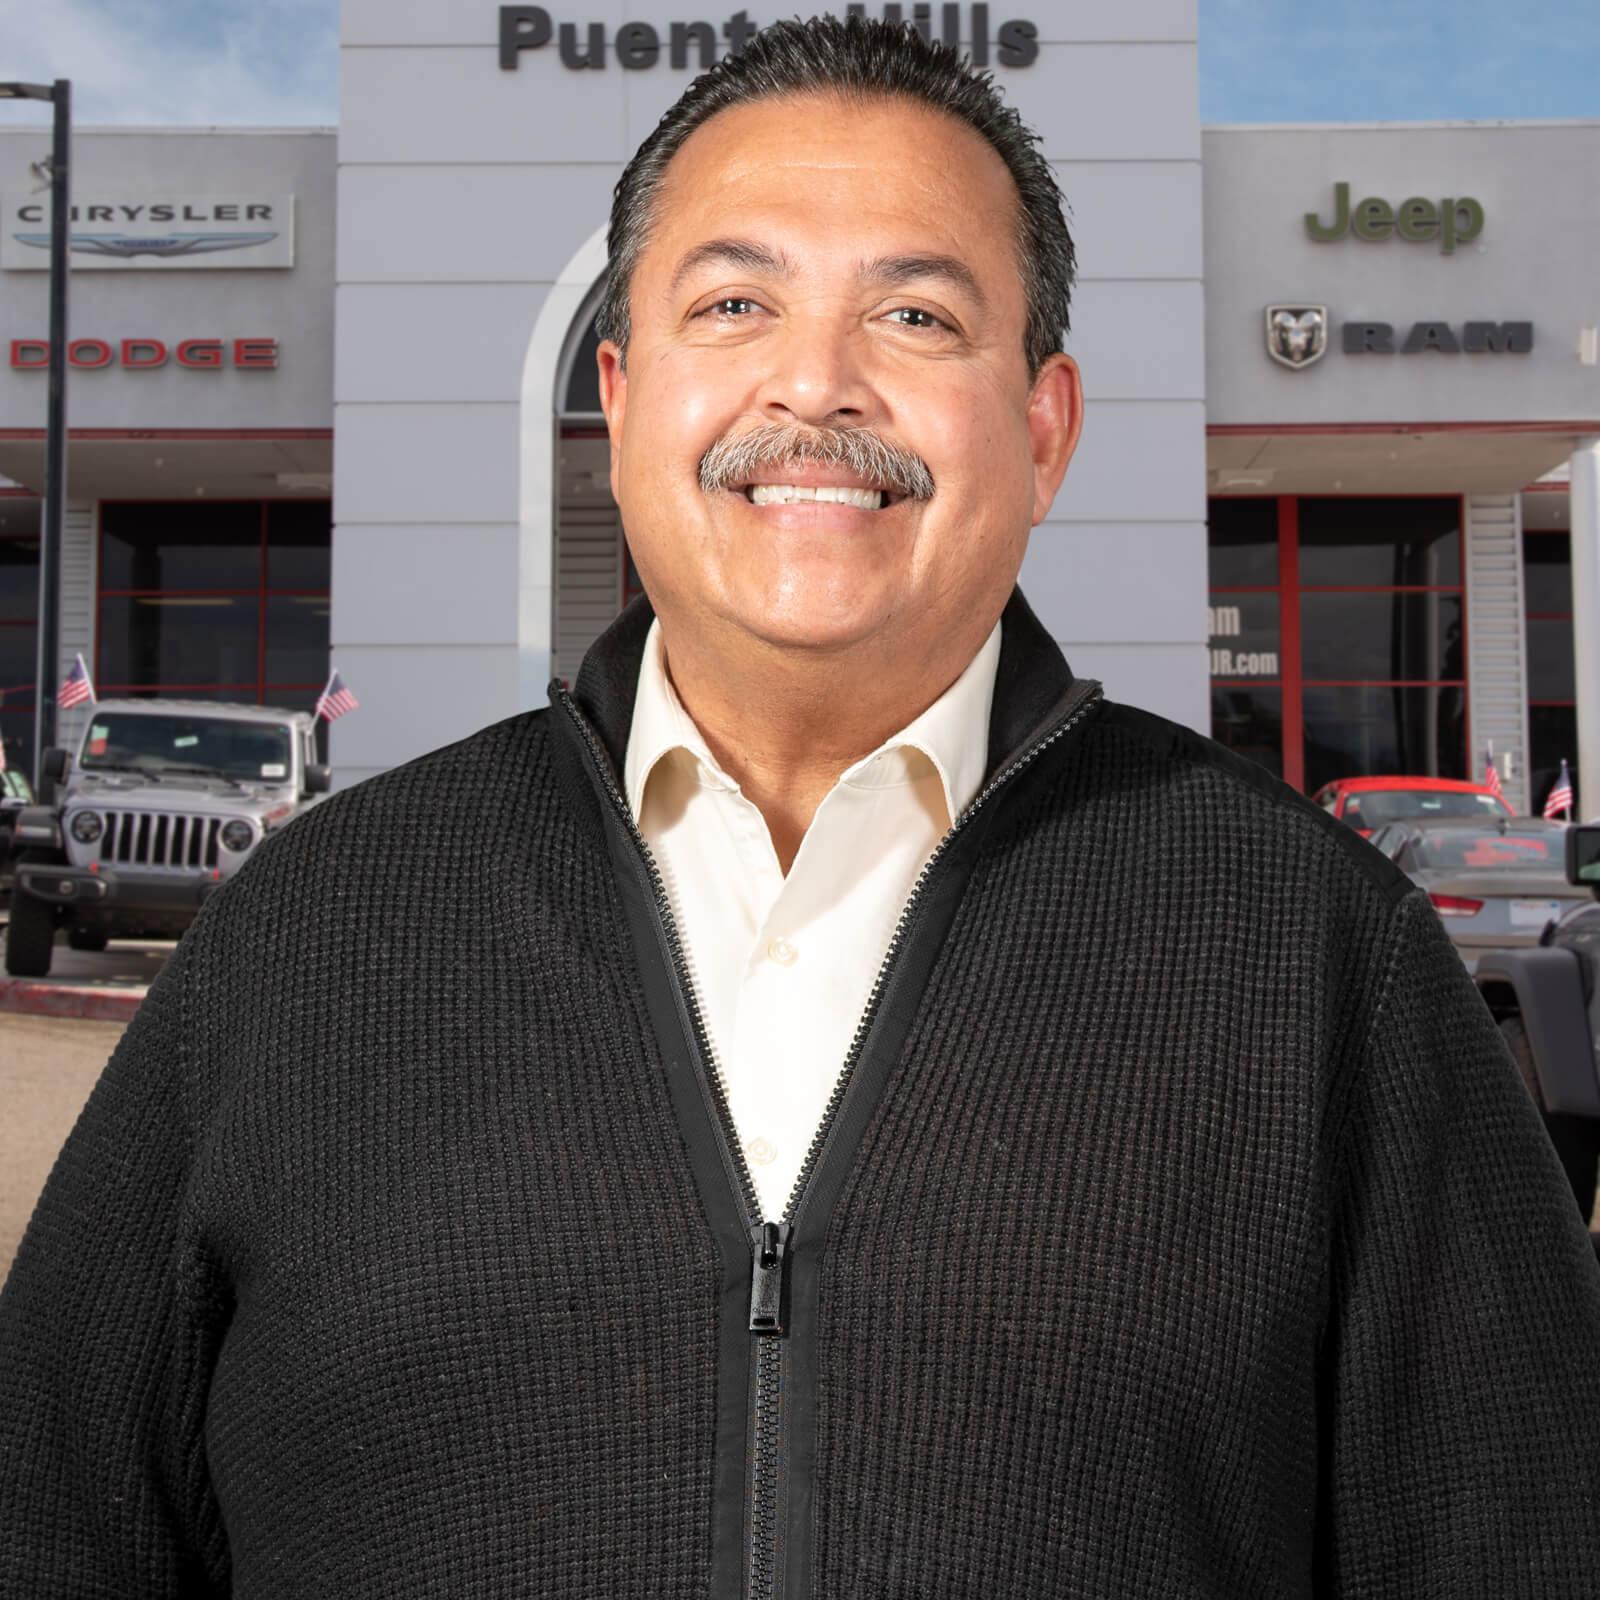 Larry Rueda